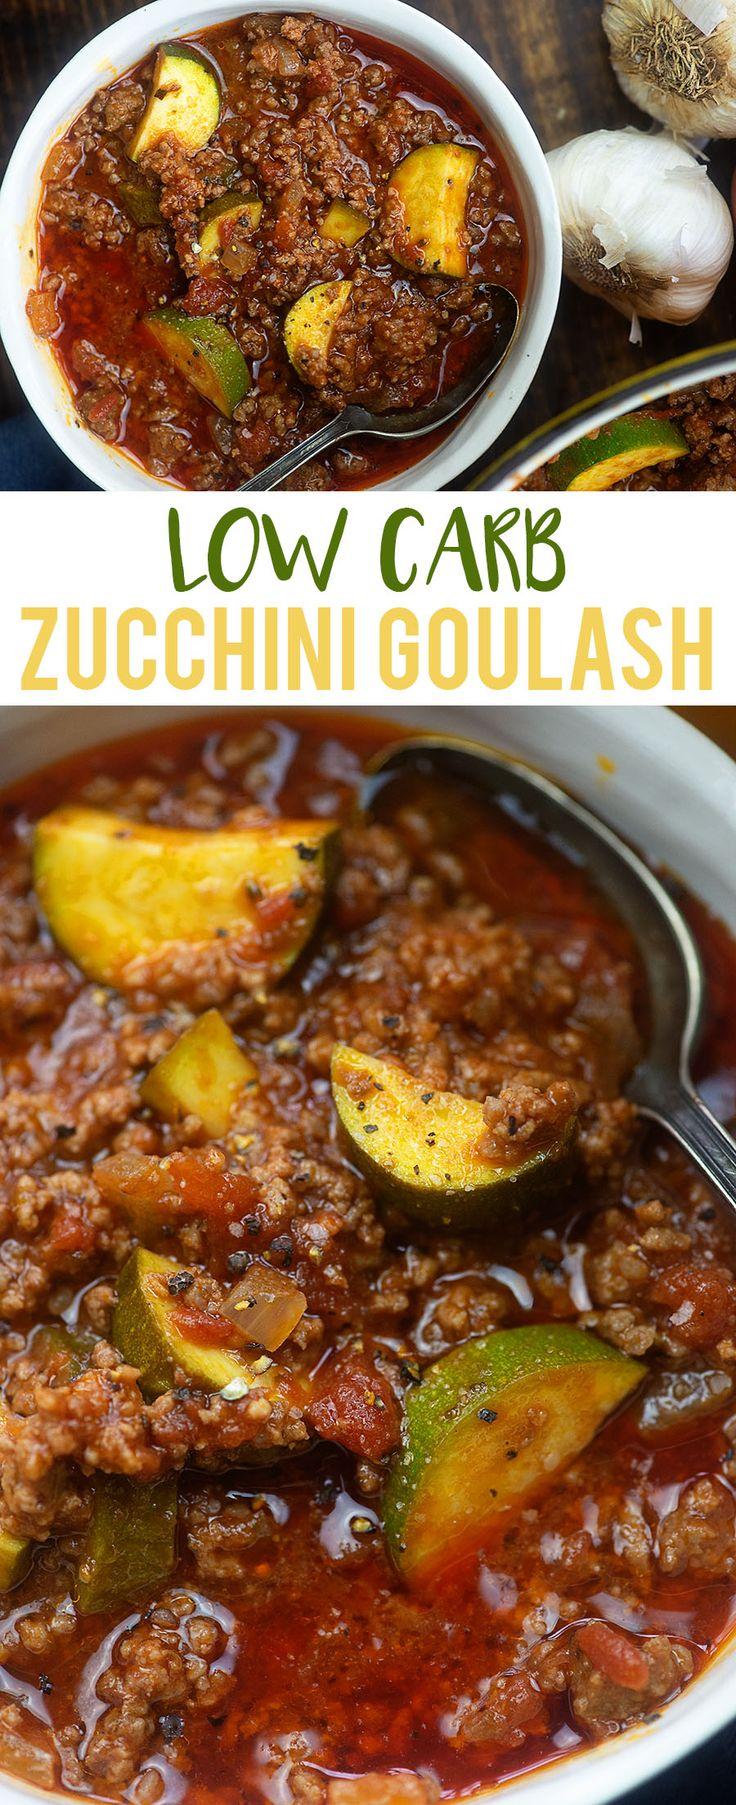 Low Carb Goulash – überspringen Sie die Macroni und verwenden Sie Zucchini in dieser einfachen Rezep …